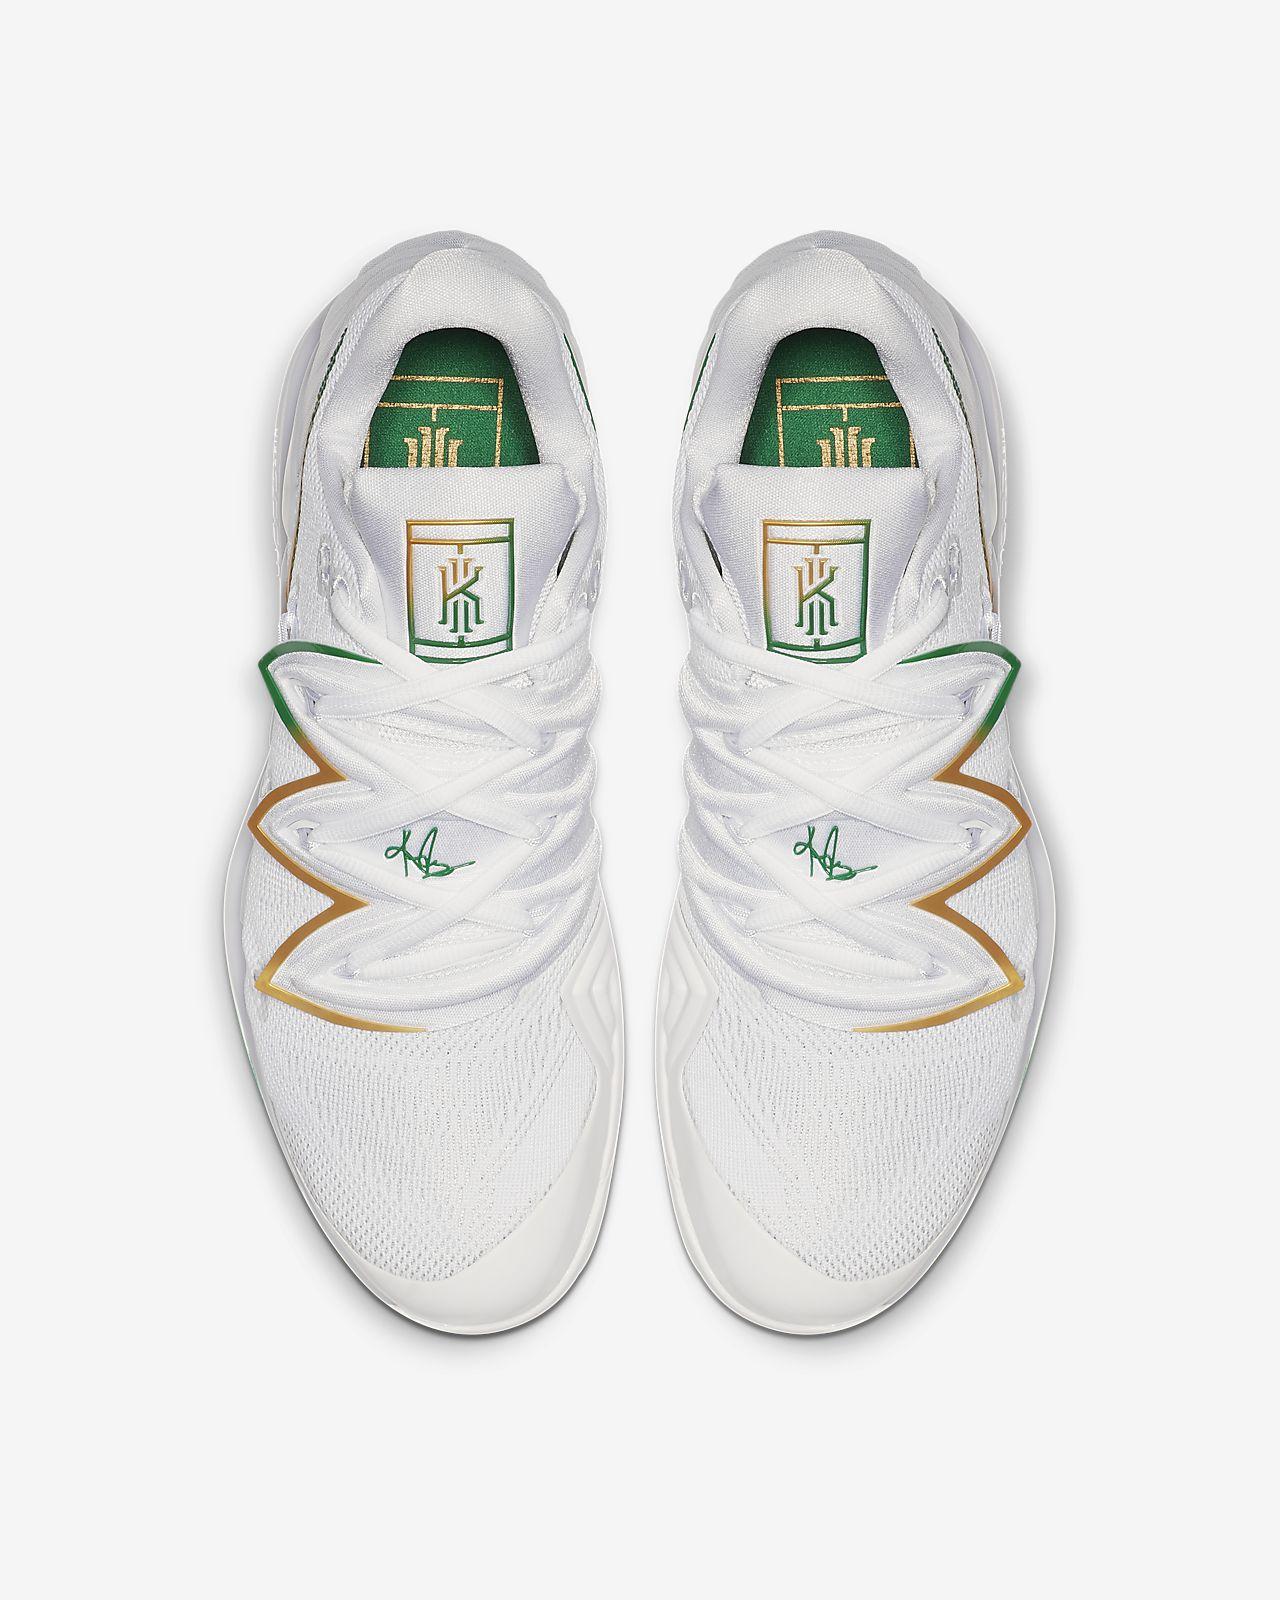 71bd647778ba ... Chaussure de tennis pour surface dure NikeCourt Air Zoom Vapor X Kyrie 5  pour Homme